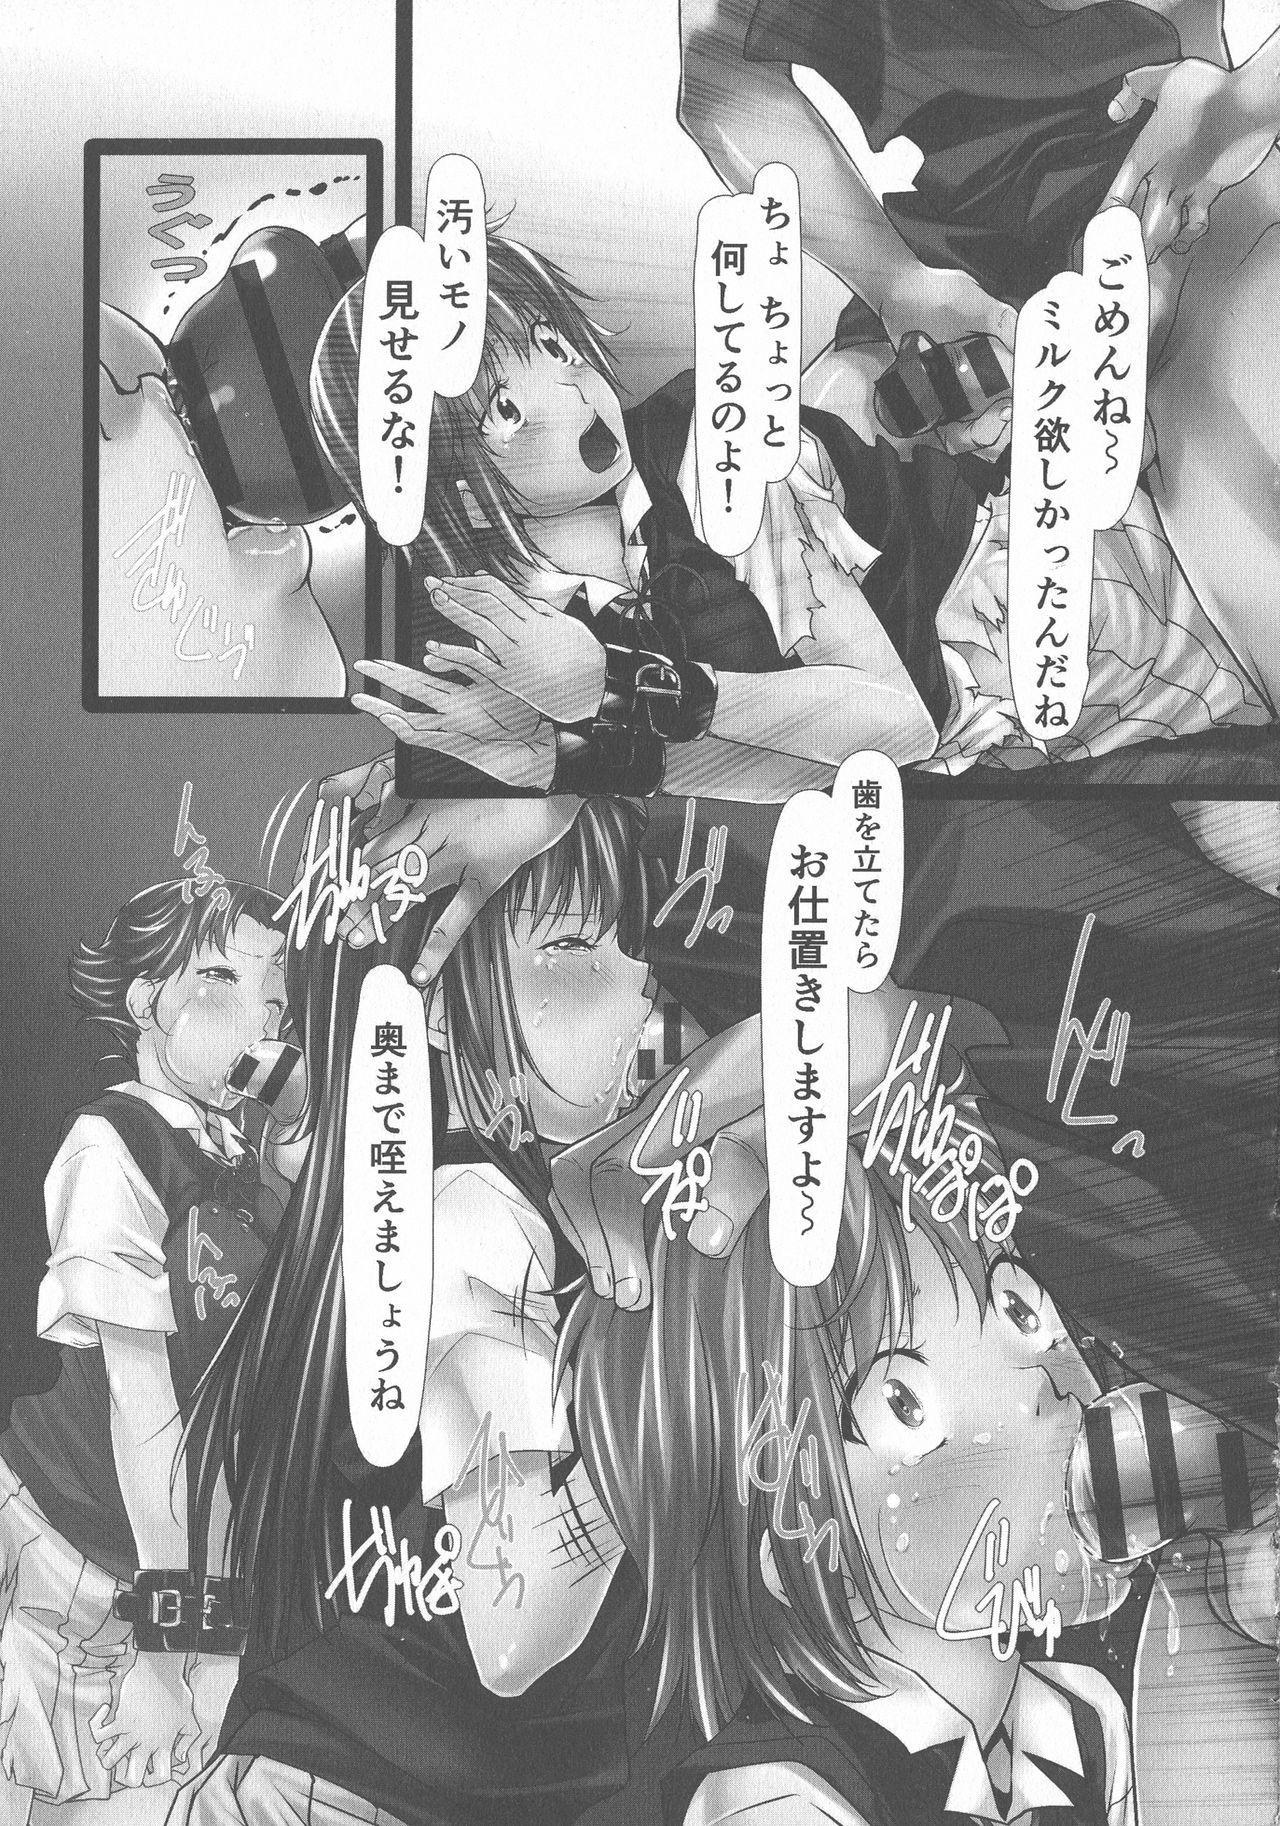 Jochiku no Utage 38